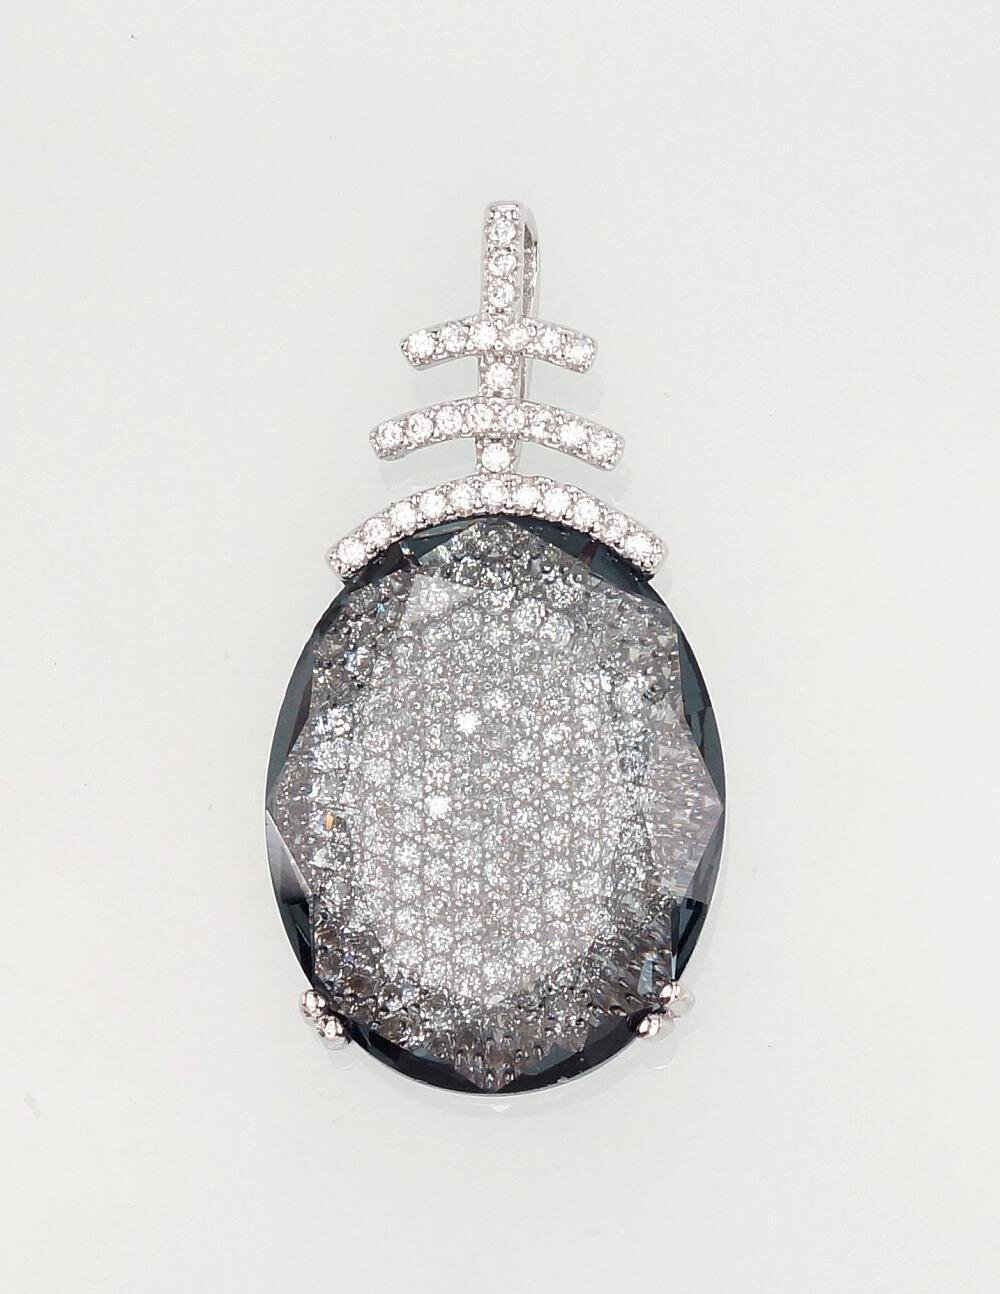 Sidabrinis moteriškas žiedas Modelis ADUM#2300916(PRh-Gr)_CZ+CZ-GR